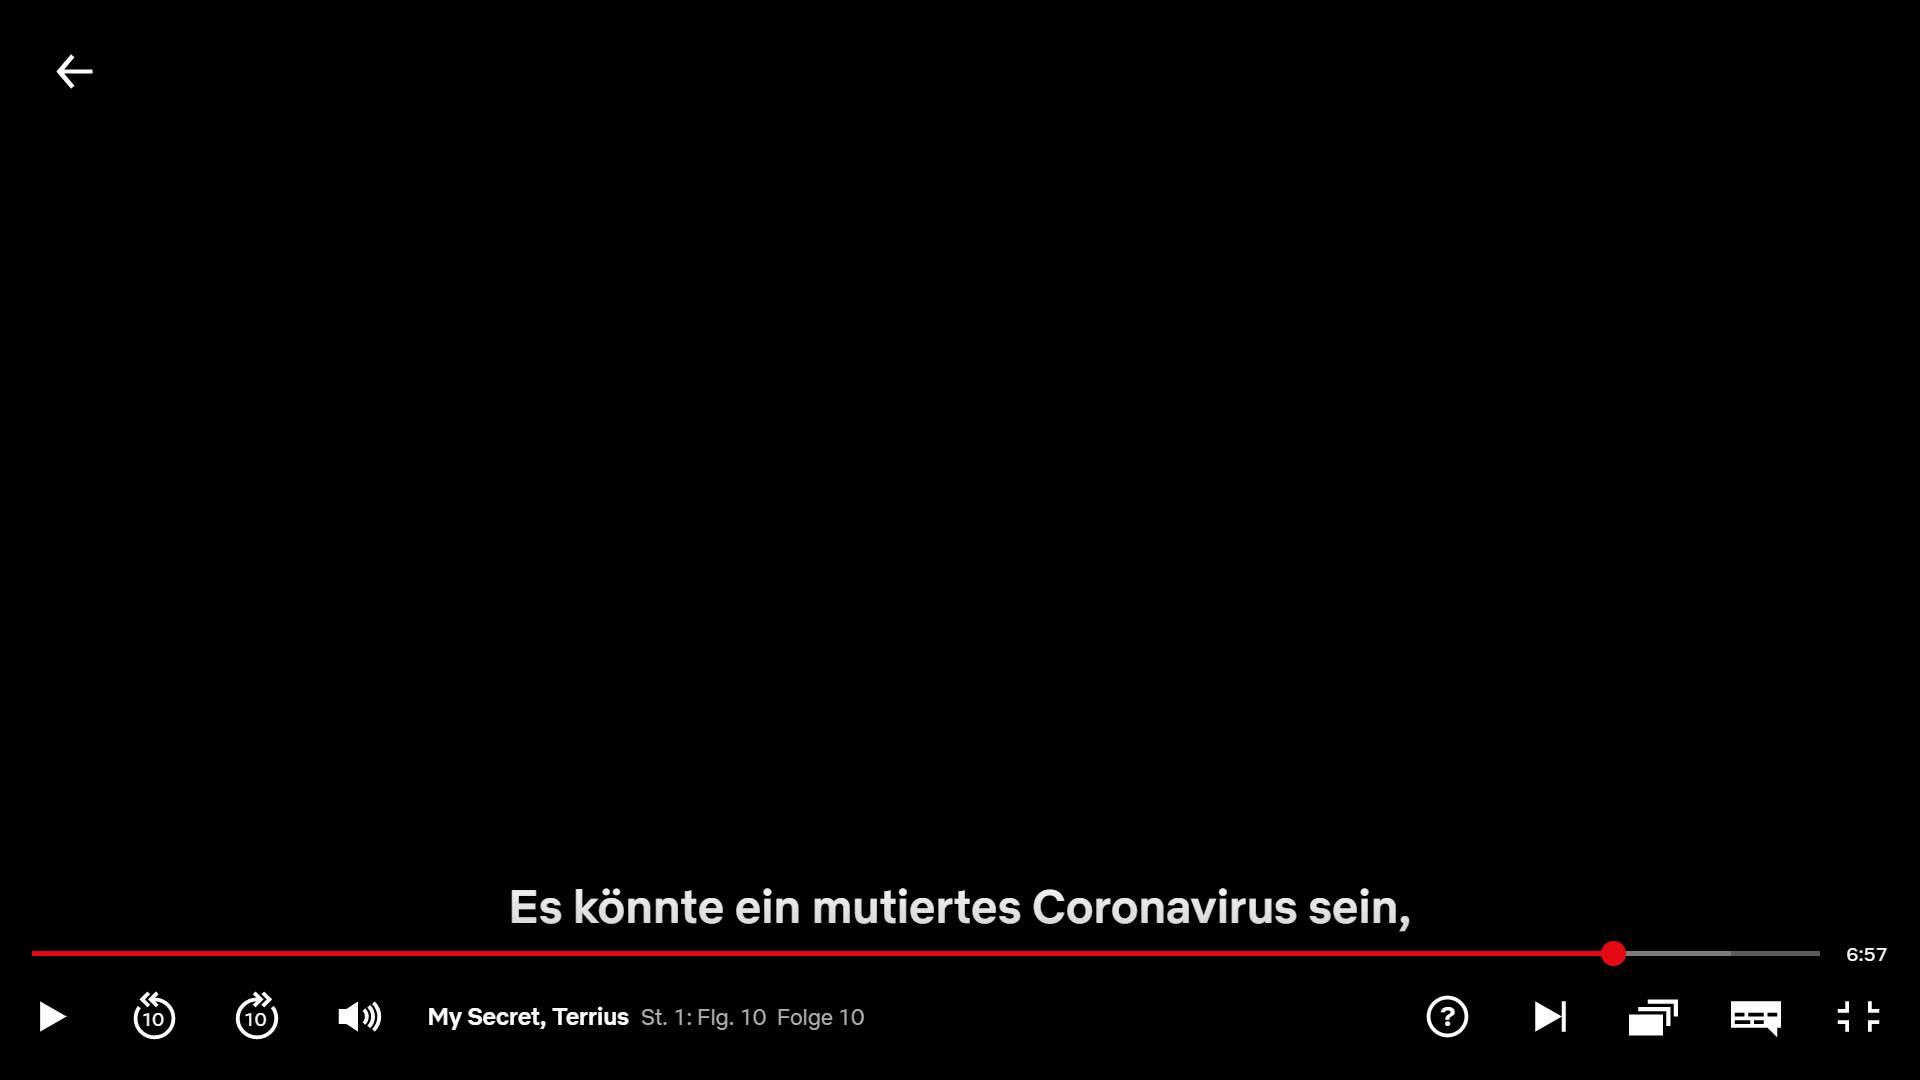 neflix-serie-coronavirus